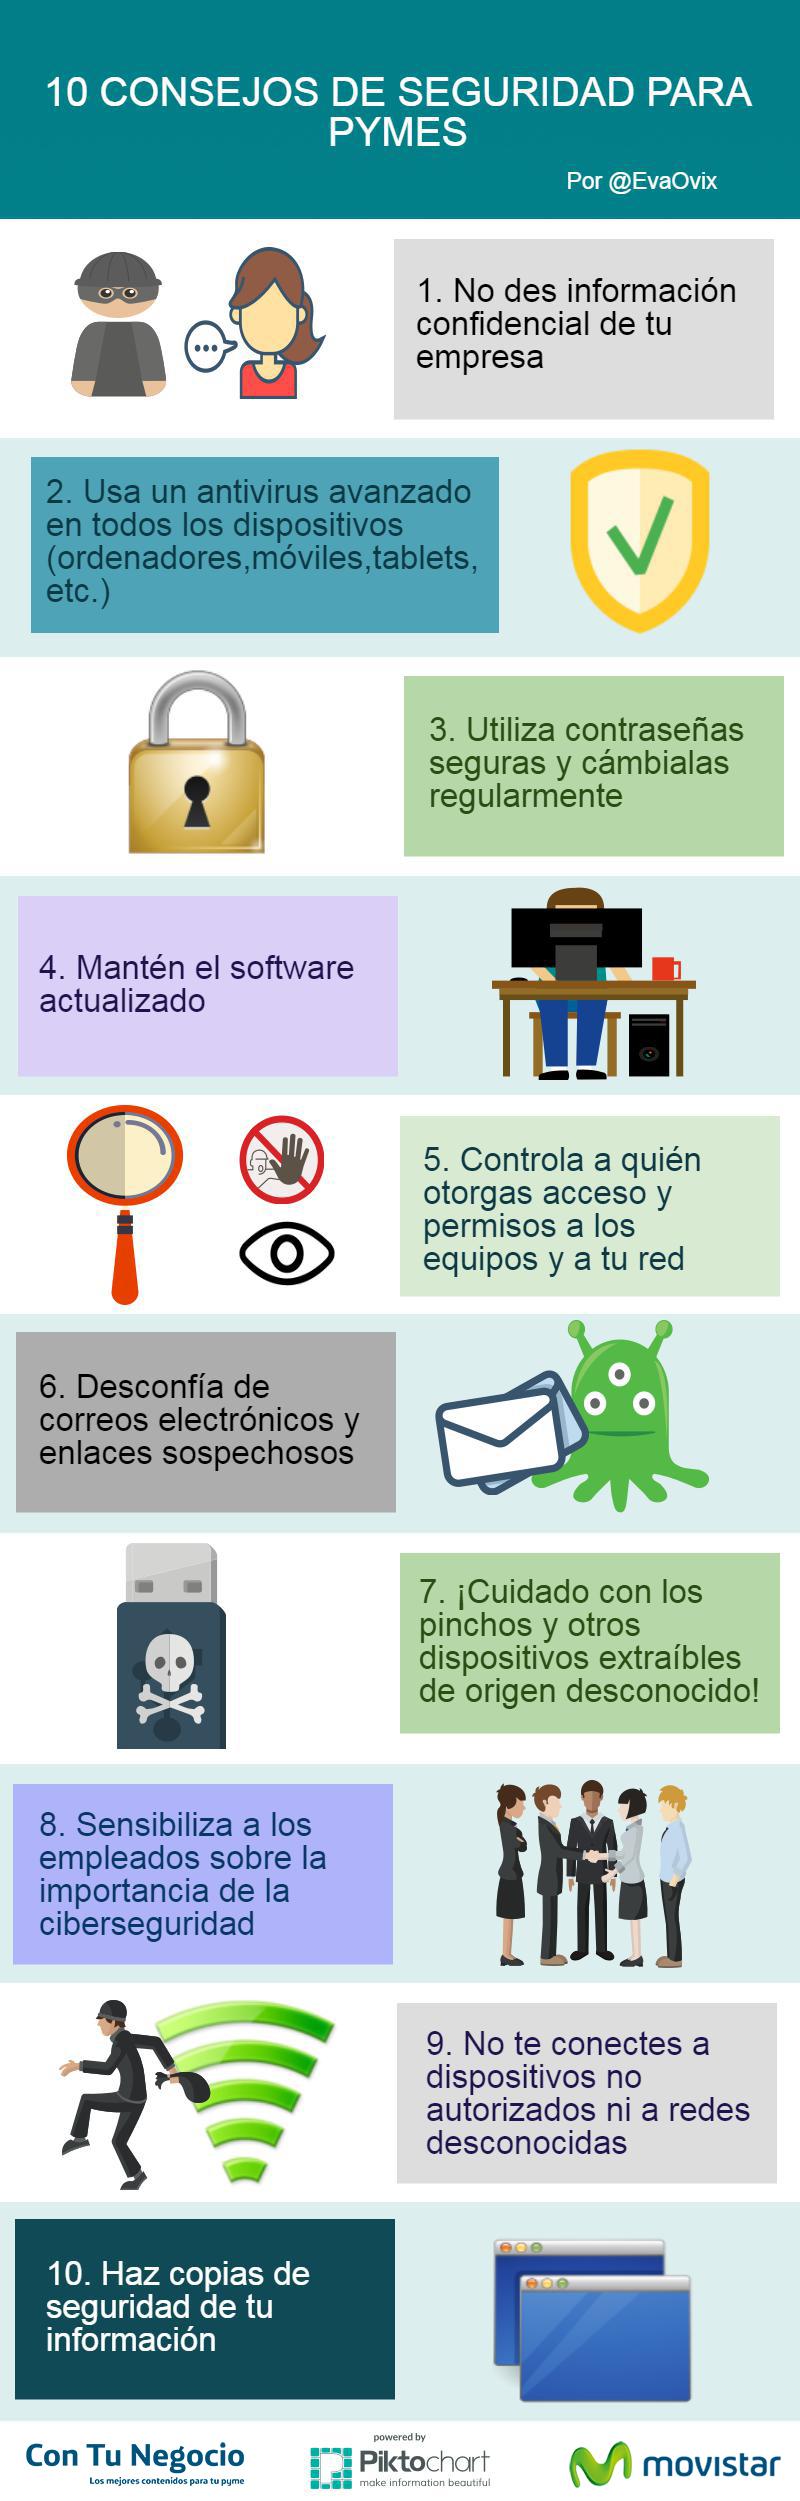 10 consejos de seguridad para pymes